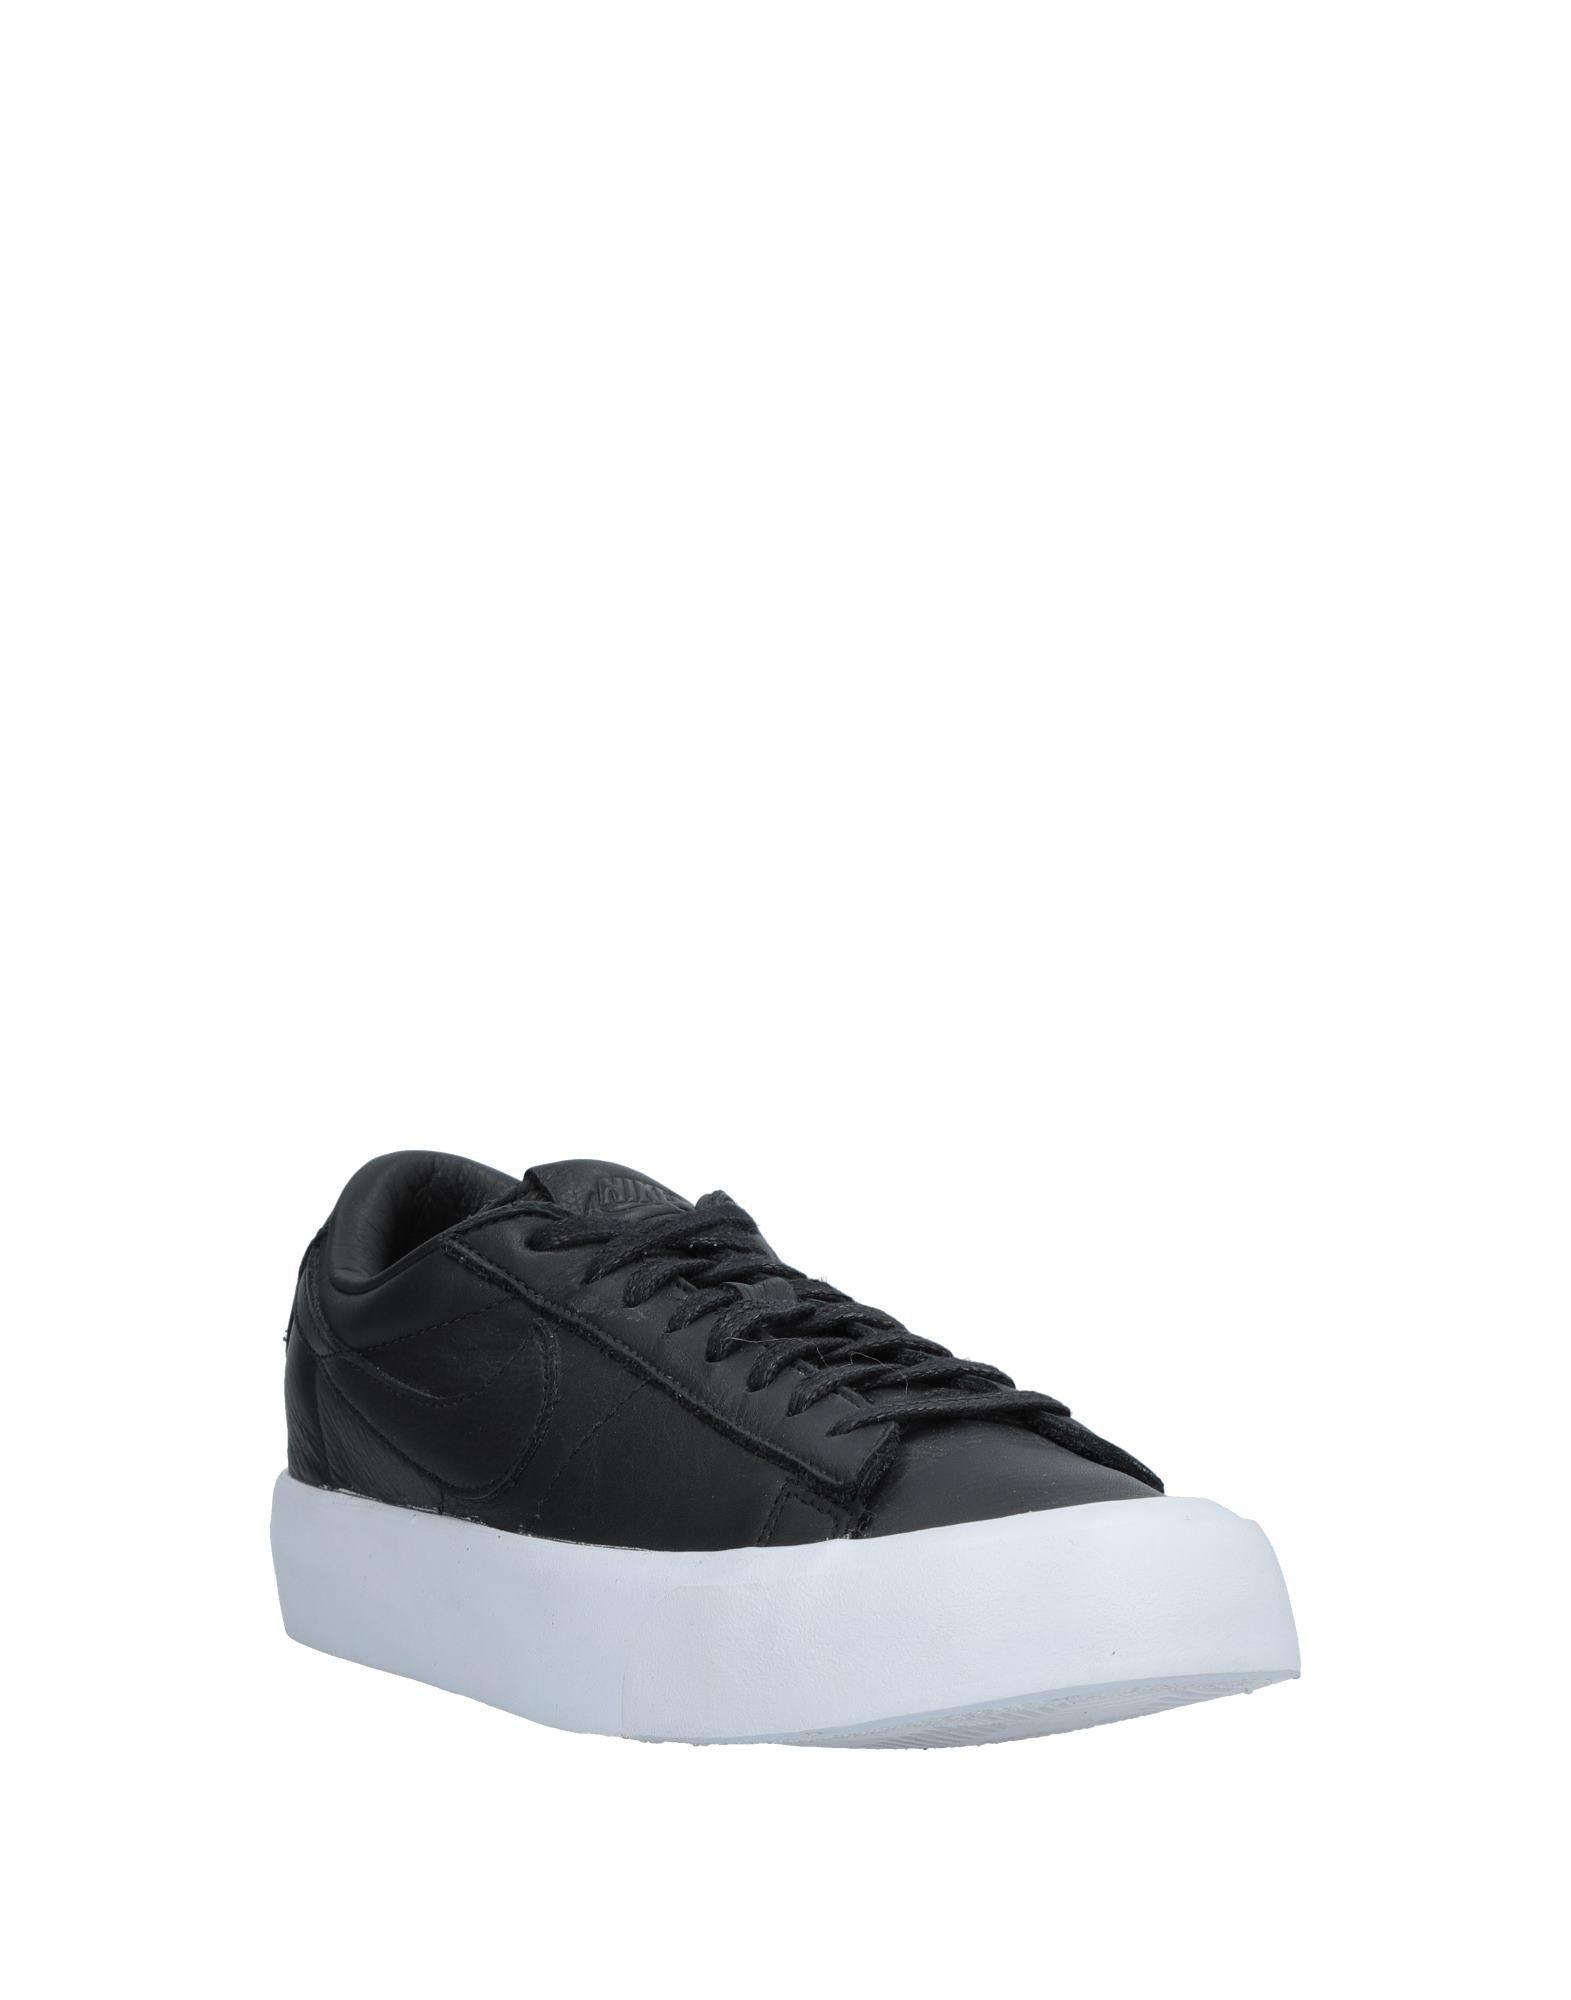 Scarpe economiche e resistenti Sneakers Nike Donna - 11529070AK